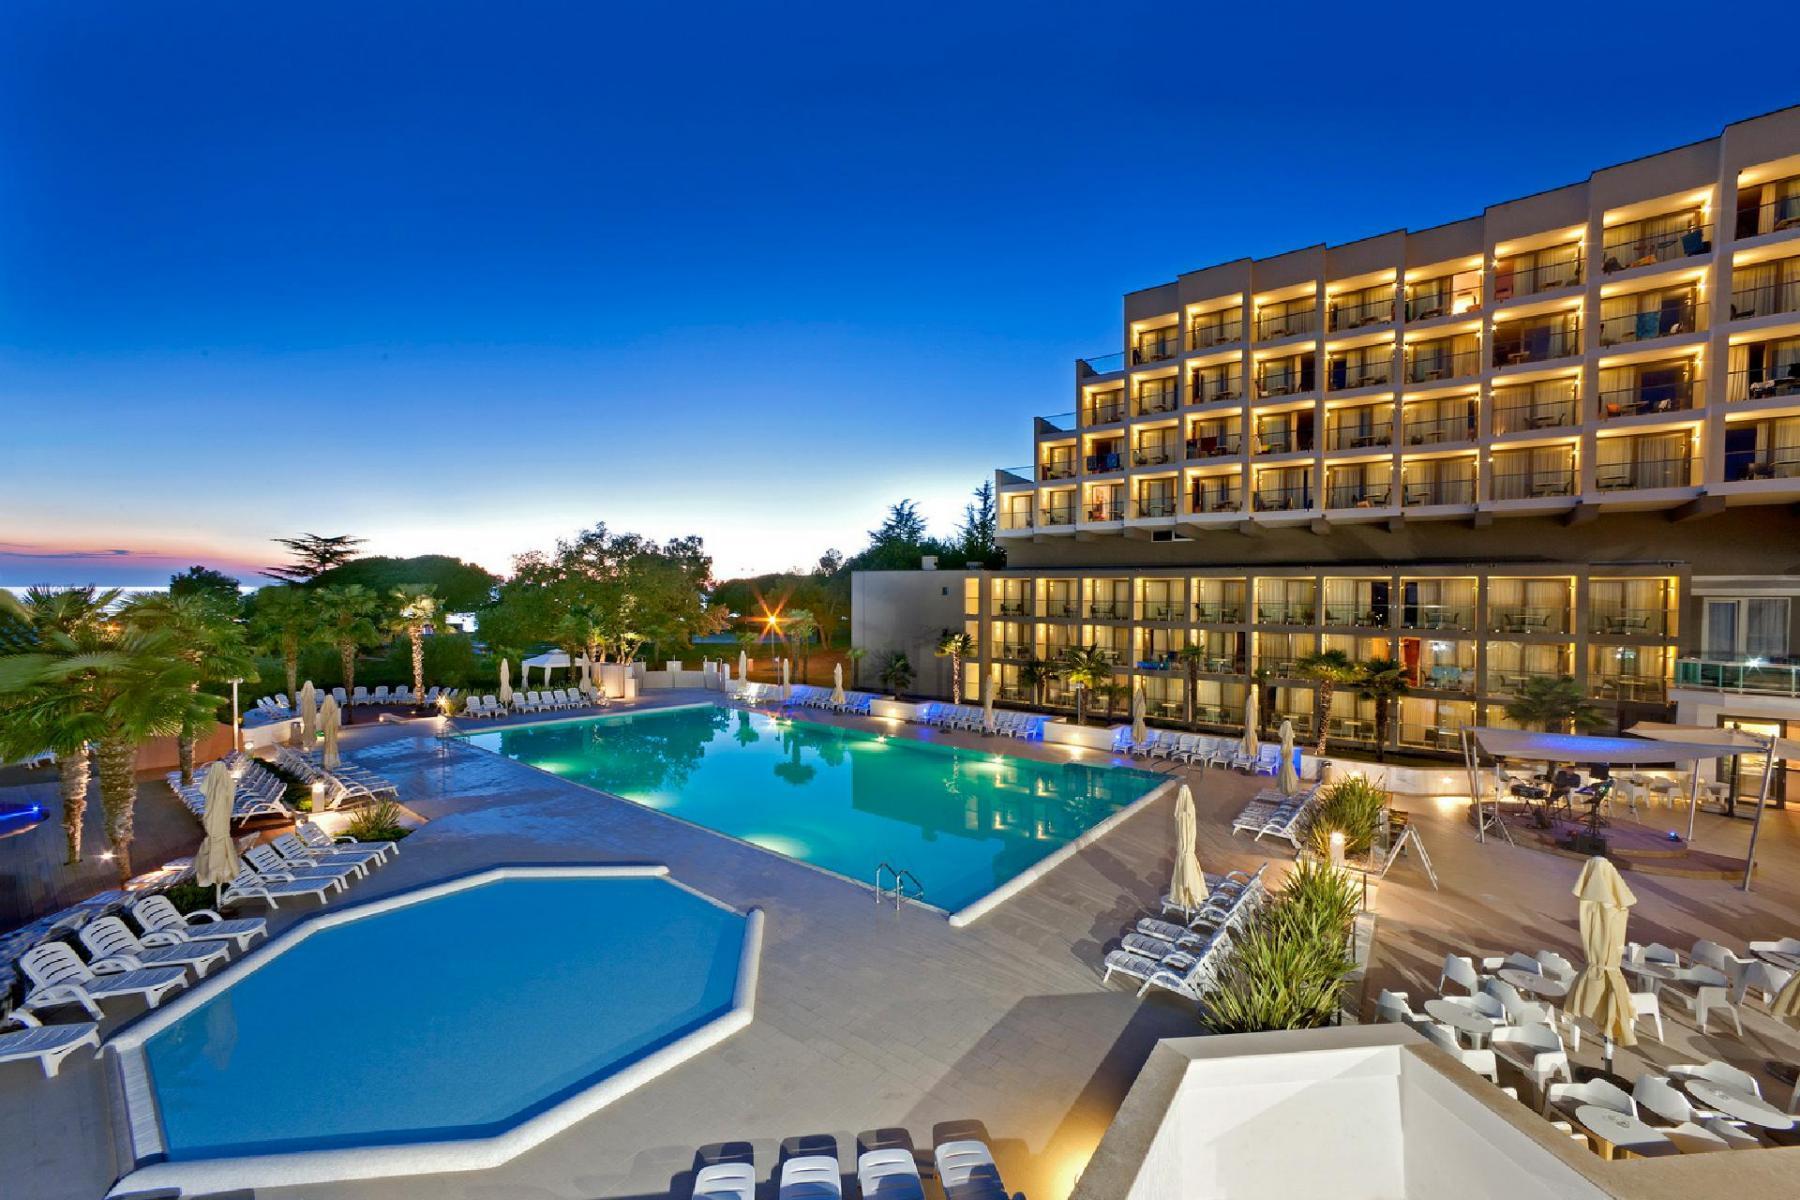 Sportreisen Hannes Zischka, Tennis, Urlaub, Istrien, Kroatien, Porec, Hotel Laguna Materada